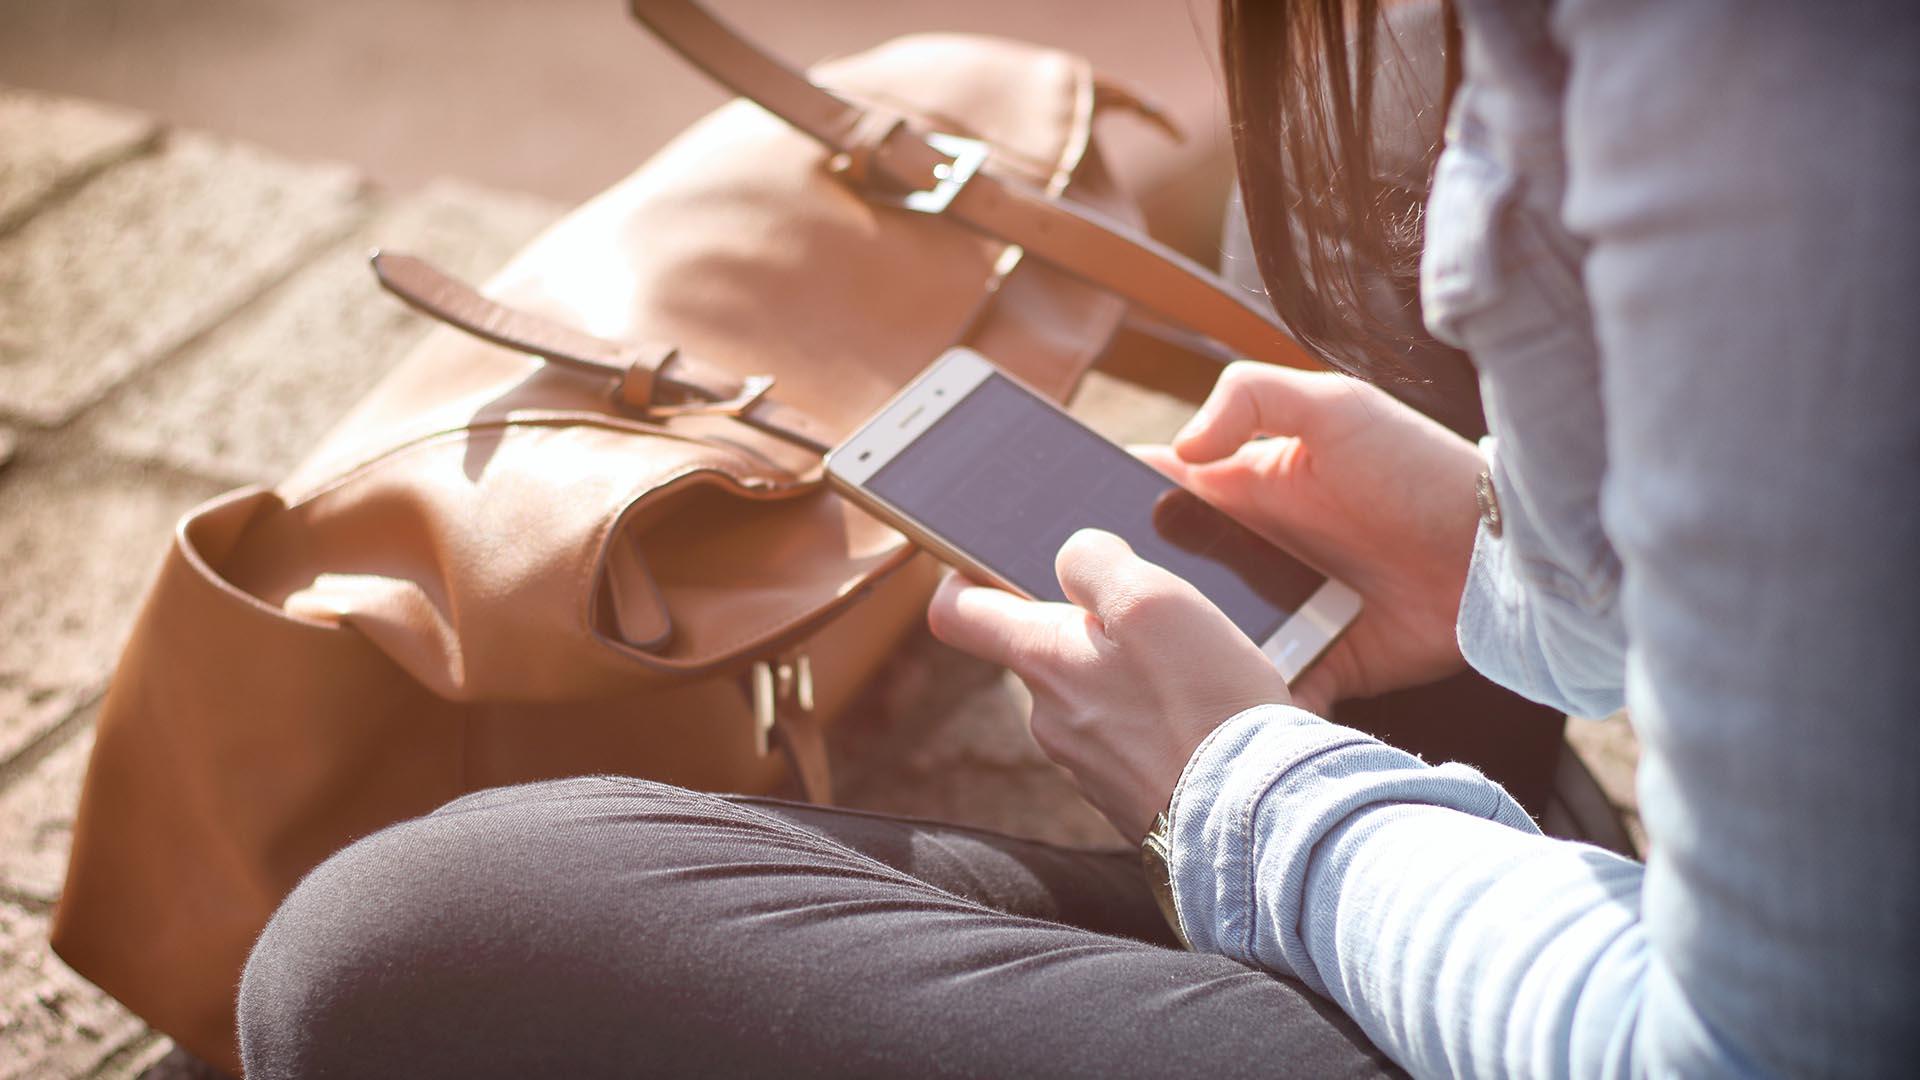 le numérique pour impliquer les jeunes dans la vie locale